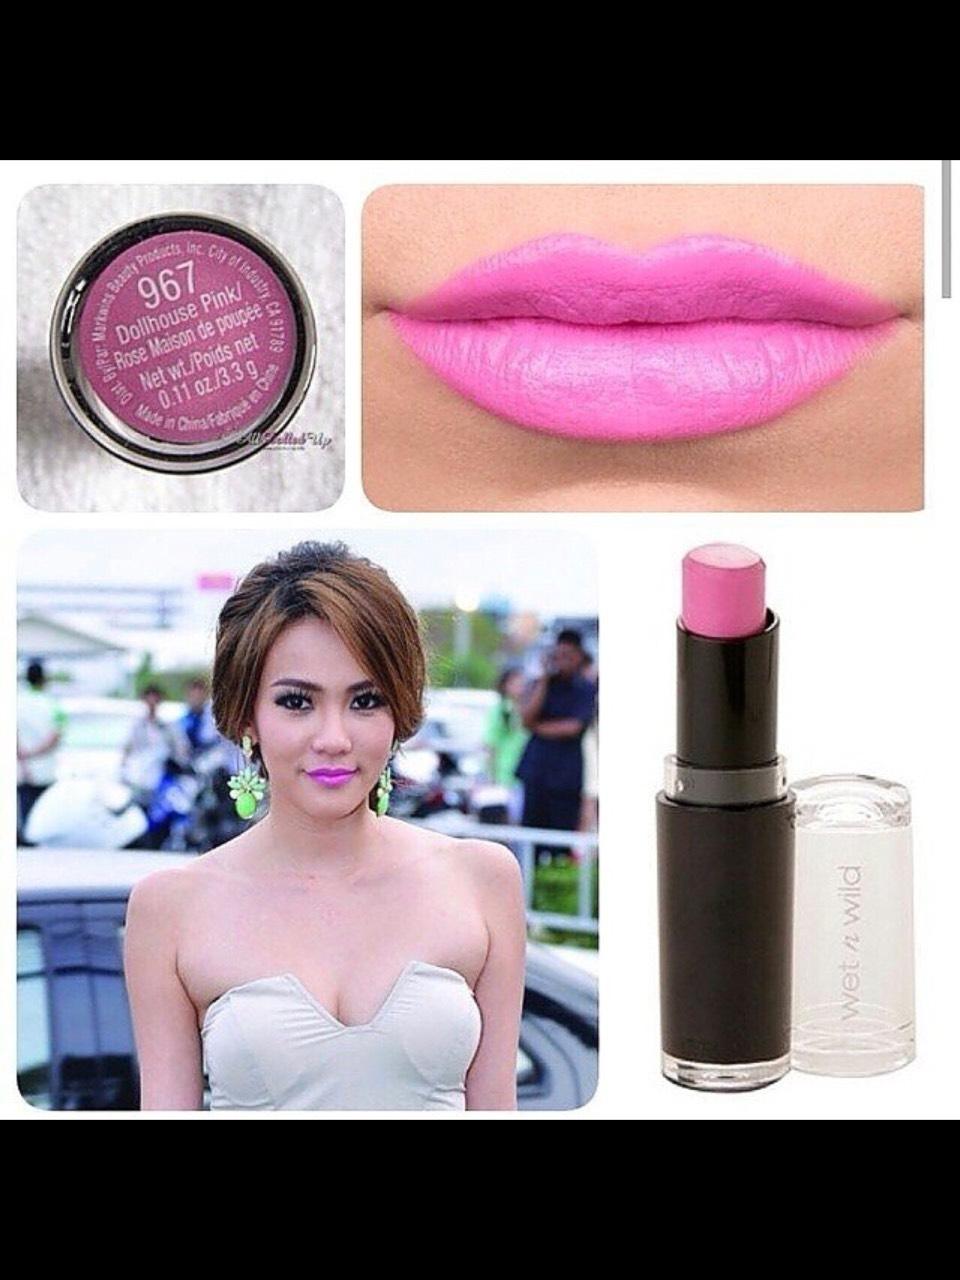 **พร้อมส่งค่ะ+ลด 50%**wet n wild lipstick Dollhouse Pink 967